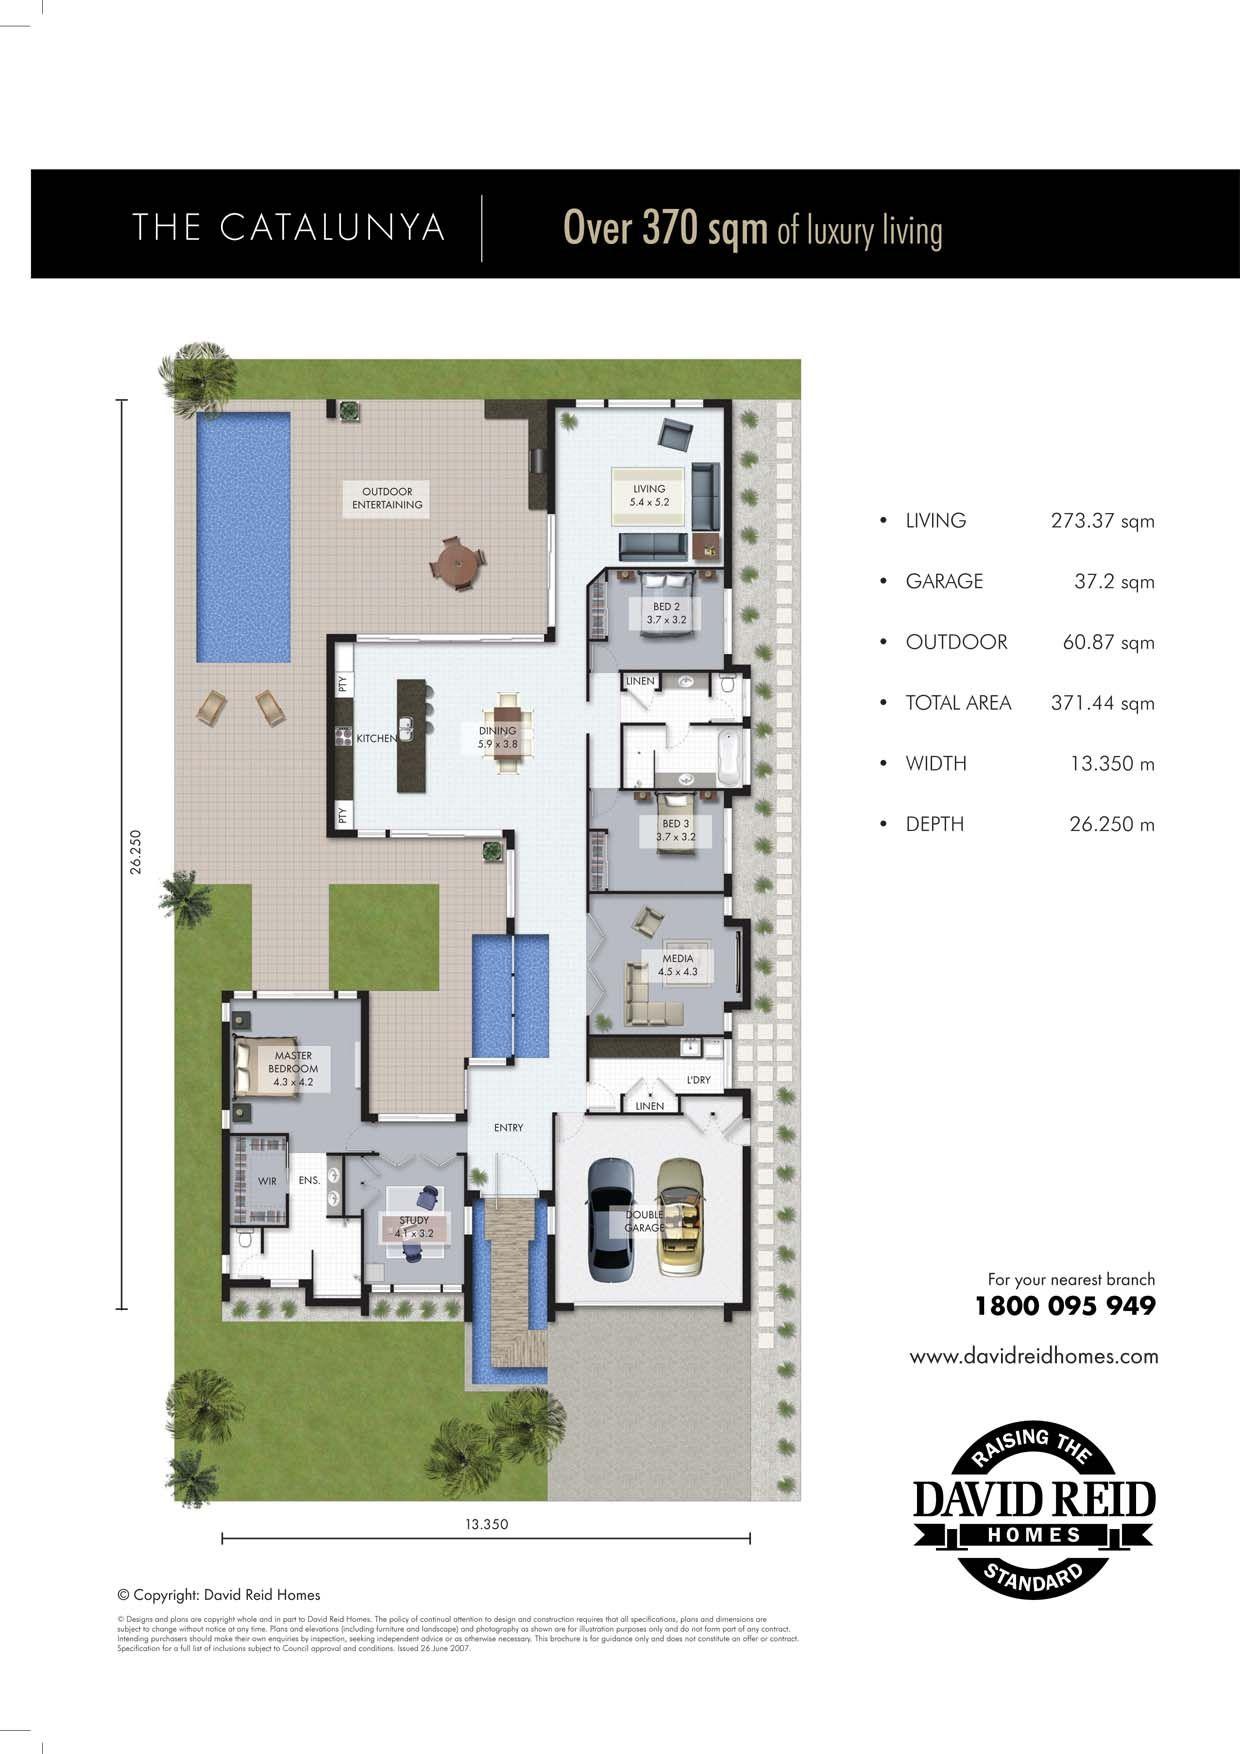 The catalunya floor plan concept range david reid homes for Custom luxury floor plans